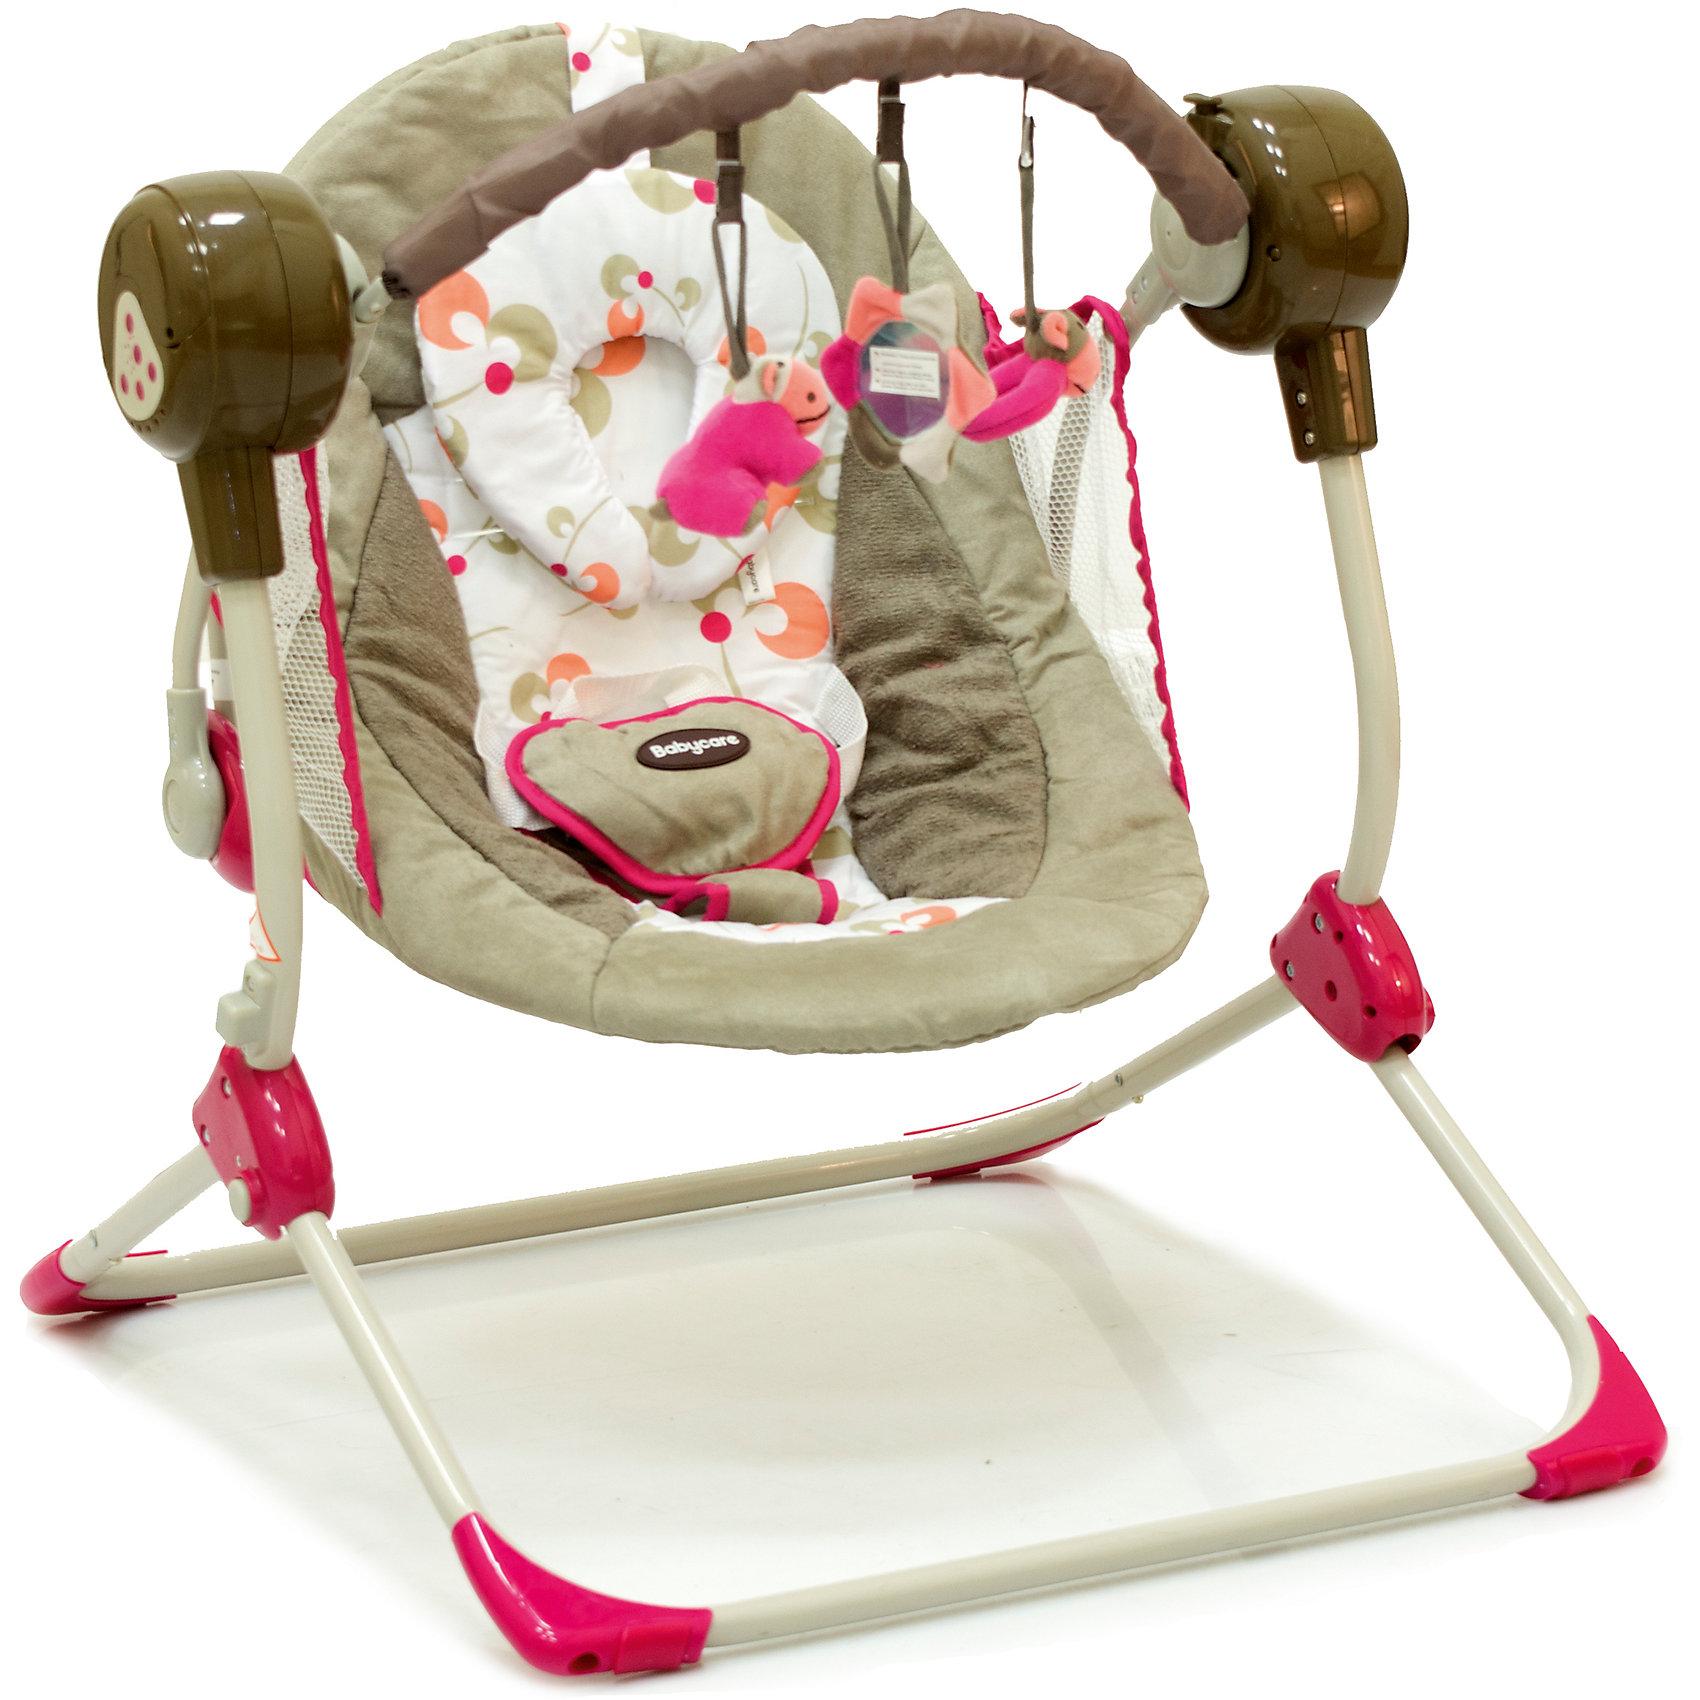 Кресло-качели Balancelle, Baby Care, розовыйХарактеристики кресла-качели Balancelle Baby Care:<br><br>• регулируется угол наклона спинки: 2 положения;<br>• предусмотрено 5 скоростей качания;<br>• музыкальный блок: 16 мелодий;<br>• регулятор громкости;<br>• таймер, 10,15,30 минут, автоматическое отключение;<br>• наличие 5-ти точечных ремней безопасности, мягкий паховый ограничитель;<br>• съемная дуга с подвесными игрушками;<br>• чехол кресла-качели можно снять и постирать при температуре 30 градусов;<br>• материал: алюминий, пластик, полиэстер, резиновые накладки на опорной конструкции;<br>• компактность в сложенном виде.<br><br>Размер в разложенном виде: 50х61х60 см<br>Размер сидения: 48х68 см<br>Вес: 3,2 кг<br>Допустимый вес ребенка: до 12 кг, возраст - до 8 месяцев.<br><br>Кресло-качели Baby Care Balancelle с вибро-музыкальным блоком устанавливается ровную поверхность. Для безопасности ребенка предусмотрены ремни безопасности. Во время пребывания в креслице, малыш изучает и рассматривает мягкие подвесные игрушки.<br><br>Комплектация:<br><br>• кресло-качели Balancelle;<br>• вибро-музыкальный блок;<br>• дуга с подвесными игрушками;<br>• съемная подушечка-подголовник, крепится на липучке;<br>• сетевой адаптер;<br>• инструкция.<br><br>Кресло-качели Balancelle, Baby Care, розовый можно купить в нашем интернет-магазине.<br><br>Ширина мм: 620<br>Глубина мм: 470<br>Высота мм: 370<br>Вес г: 10800<br>Возраст от месяцев: 0<br>Возраст до месяцев: 8<br>Пол: Женский<br>Возраст: Детский<br>SKU: 4028904